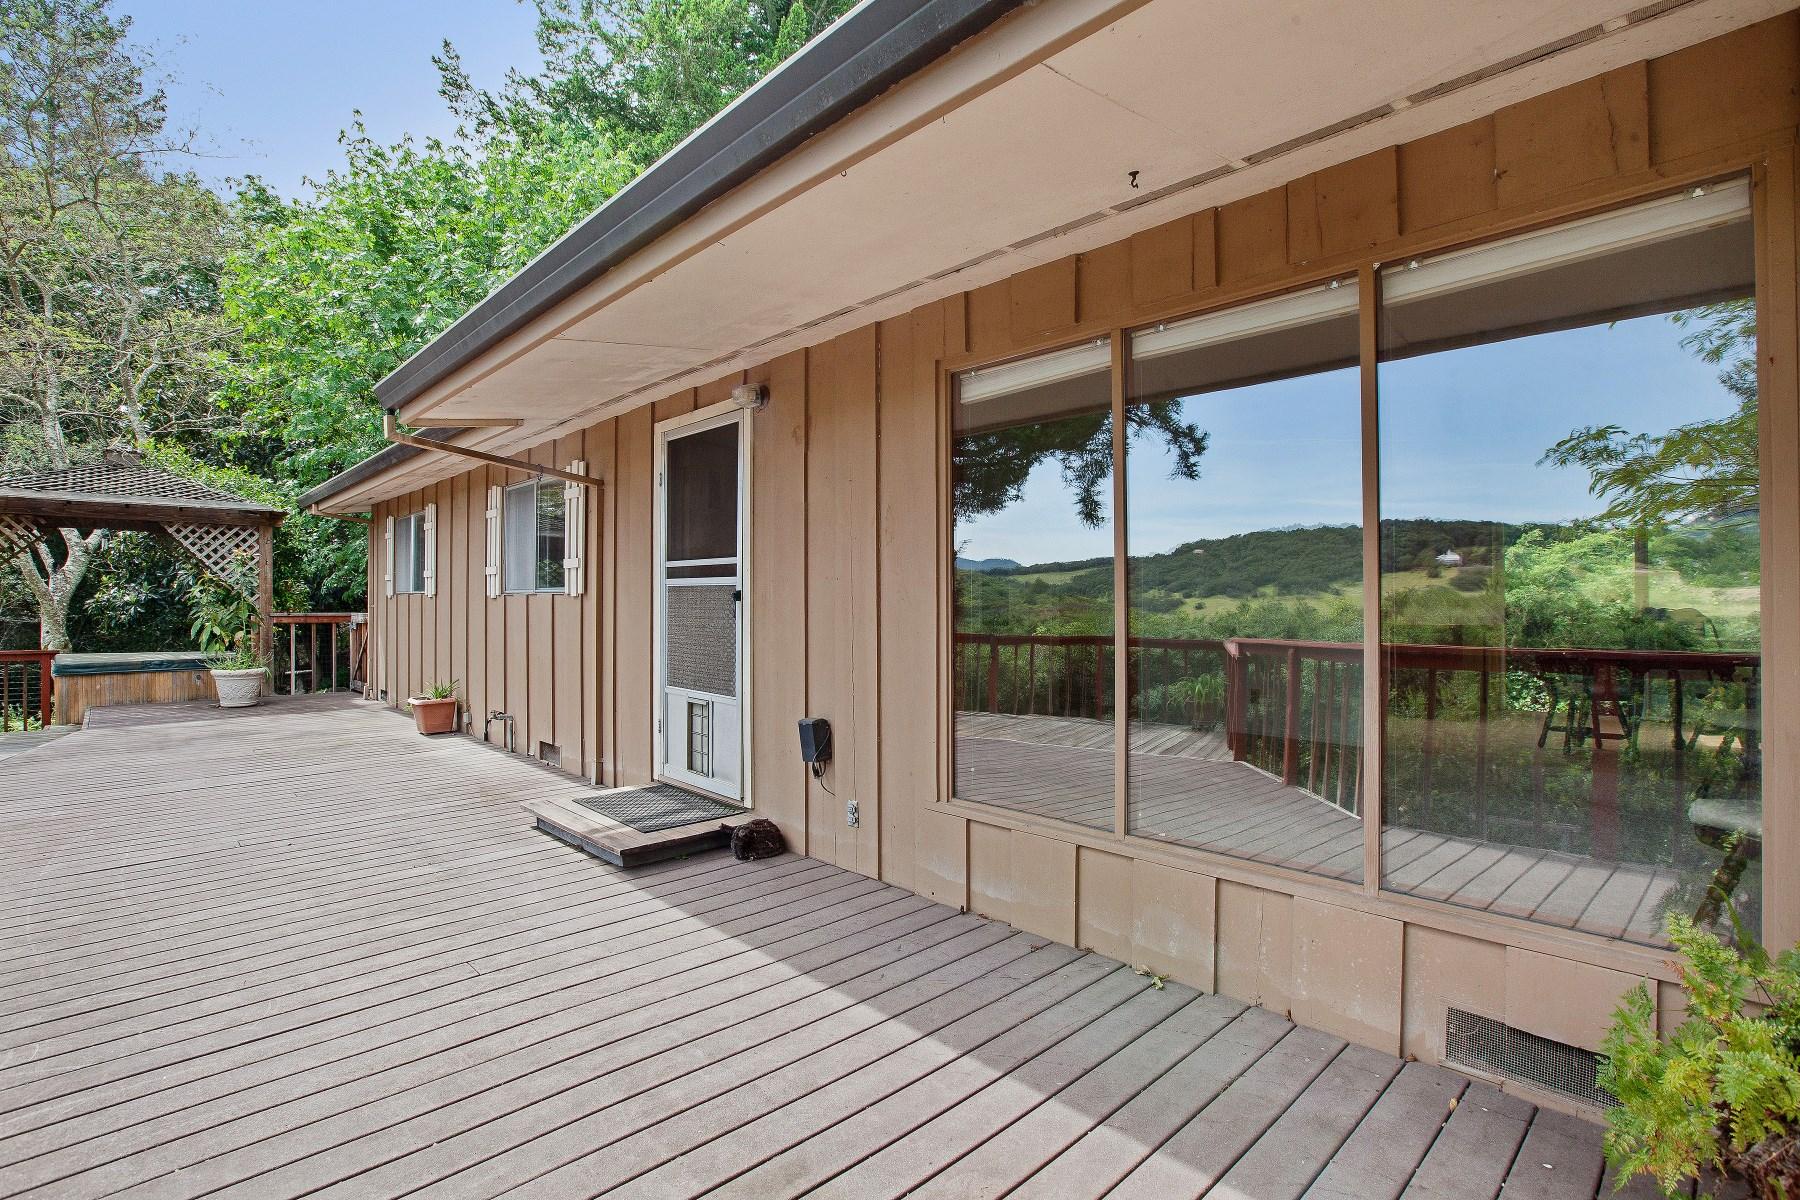 단독 가정 주택 용 매매 에 1395 Dawn Hill Road 1395 Dawn Hill Rd Glen Ellen, 캘리포니아, 95442 미국